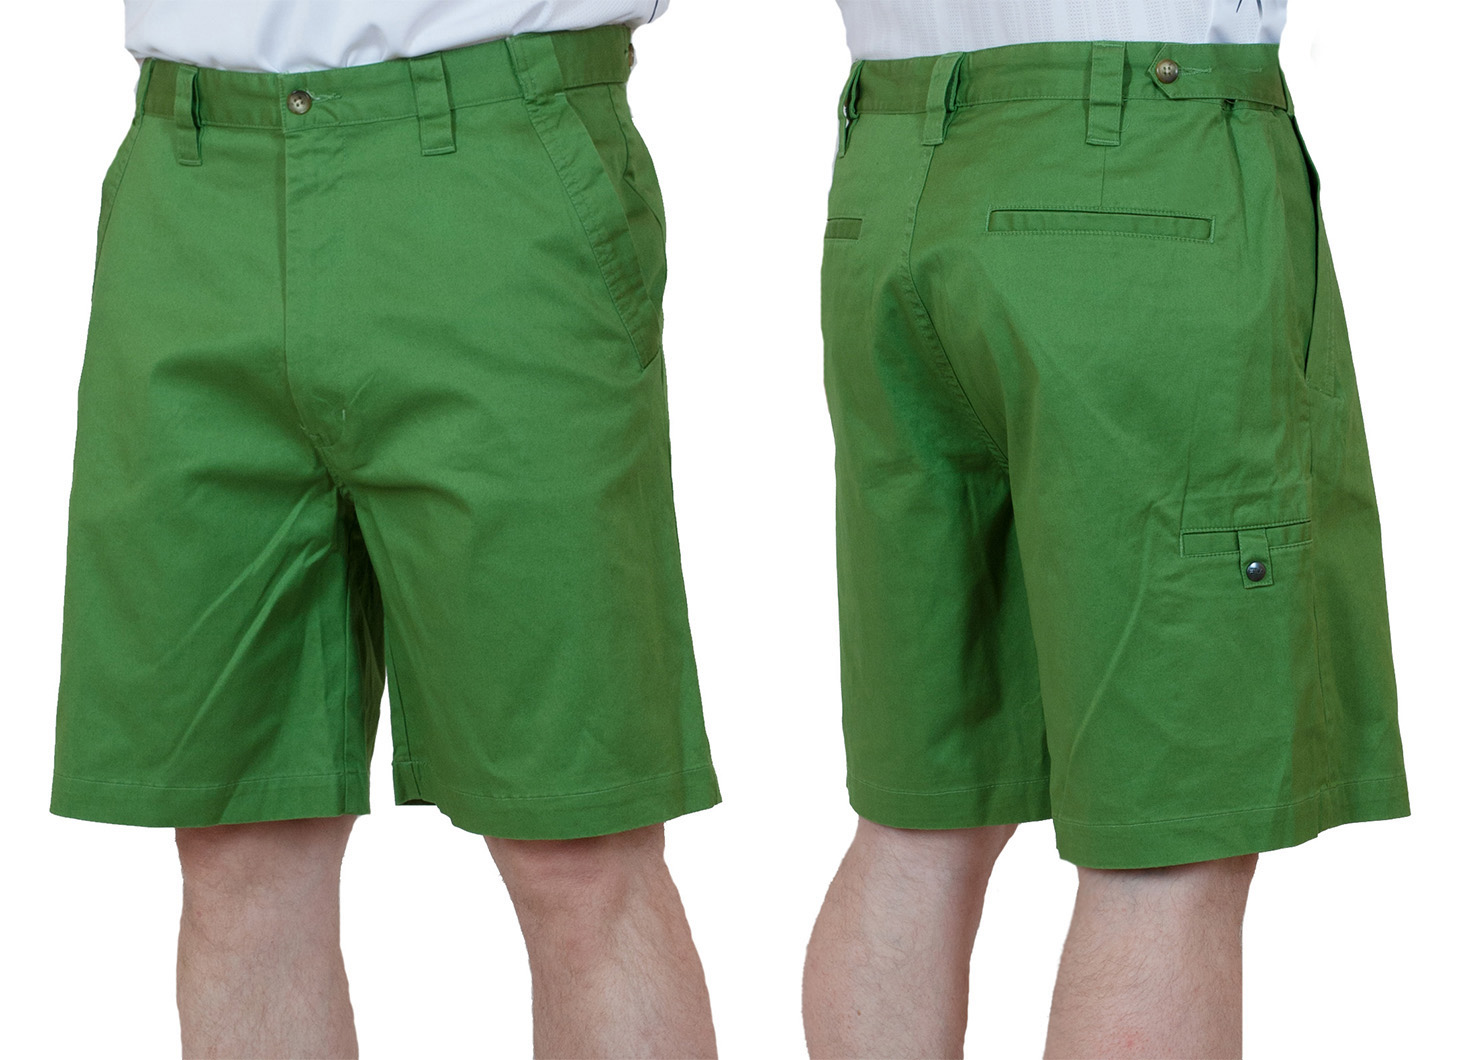 Заказать хлопчатобумажные зеленые мужские шорты